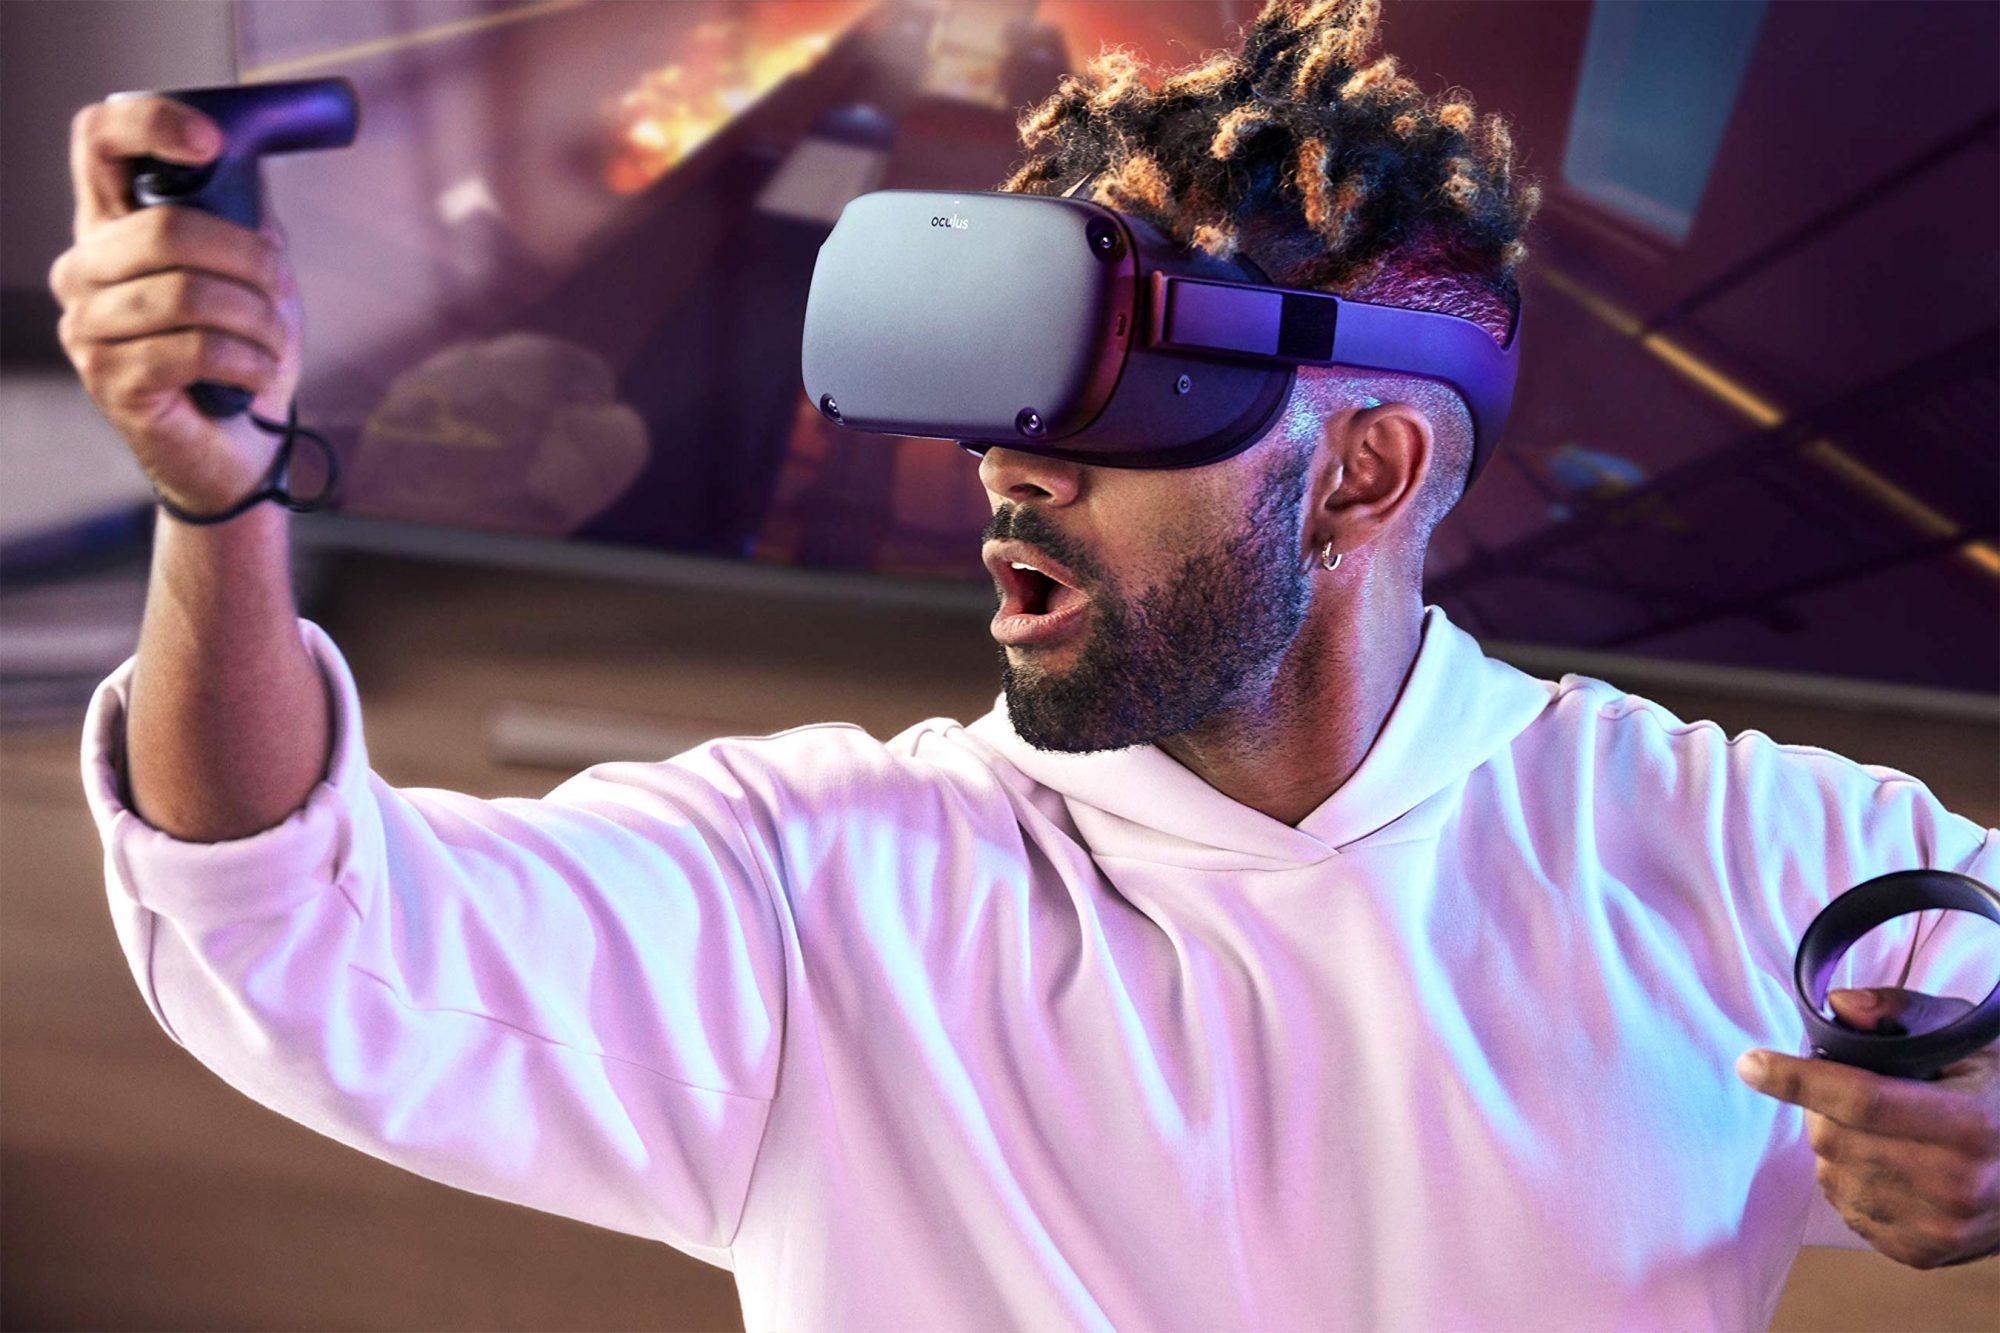 Oculus Quest CR: Oculus VR